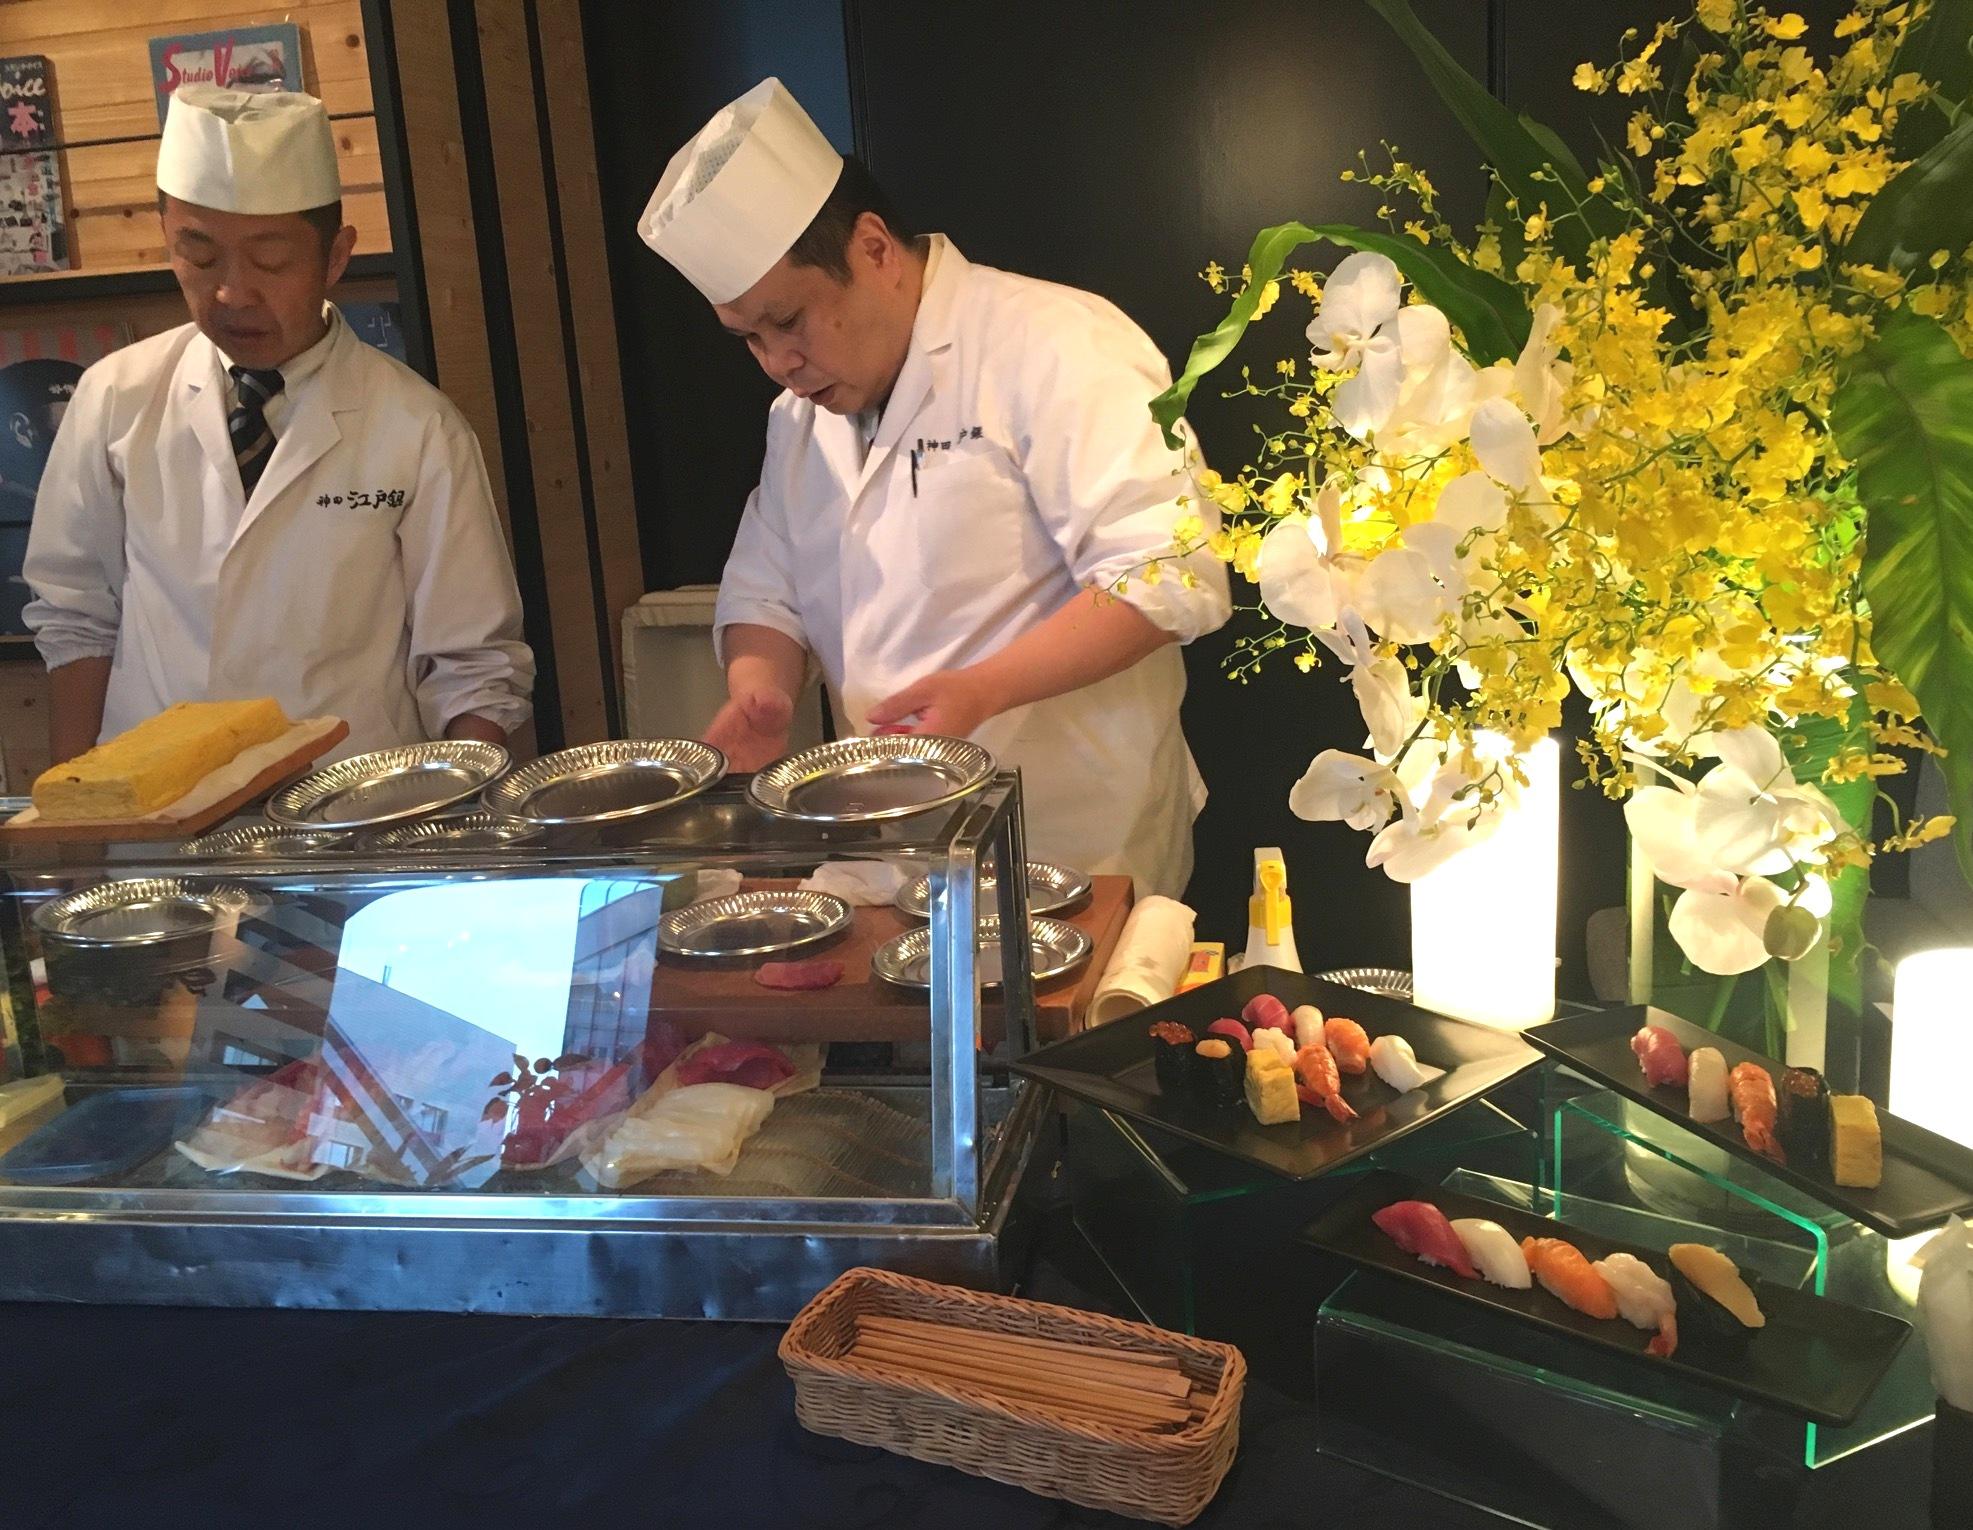 目の前で握られたお寿司を片手に